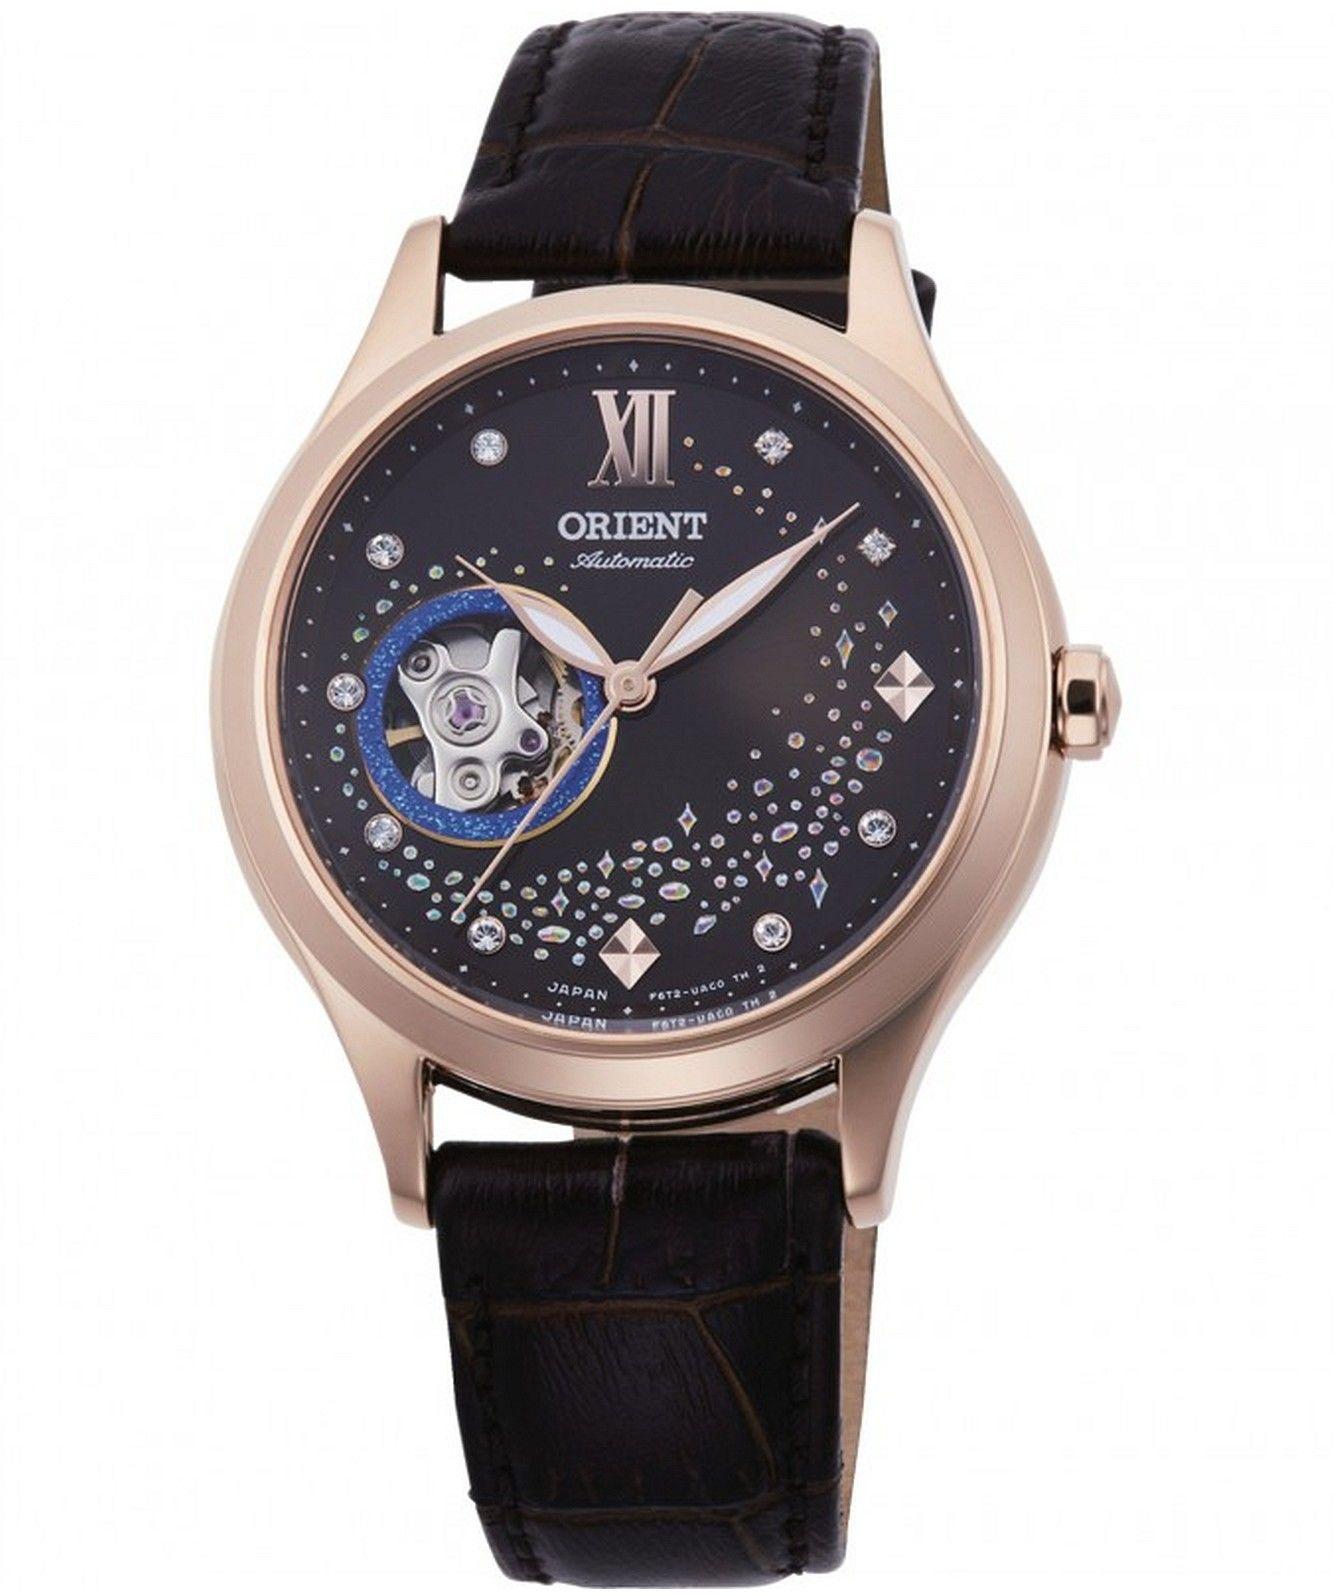 Zegarek Orient RA-AG0017Y10B Blue Moon II Automatic - CENA DO NEGOCJACJI - DOSTAWA DHL GRATIS, KUPUJ BEZ RYZYKA - 100 dni na zwrot, możliwość wygrawerowania dowolnego tekstu.